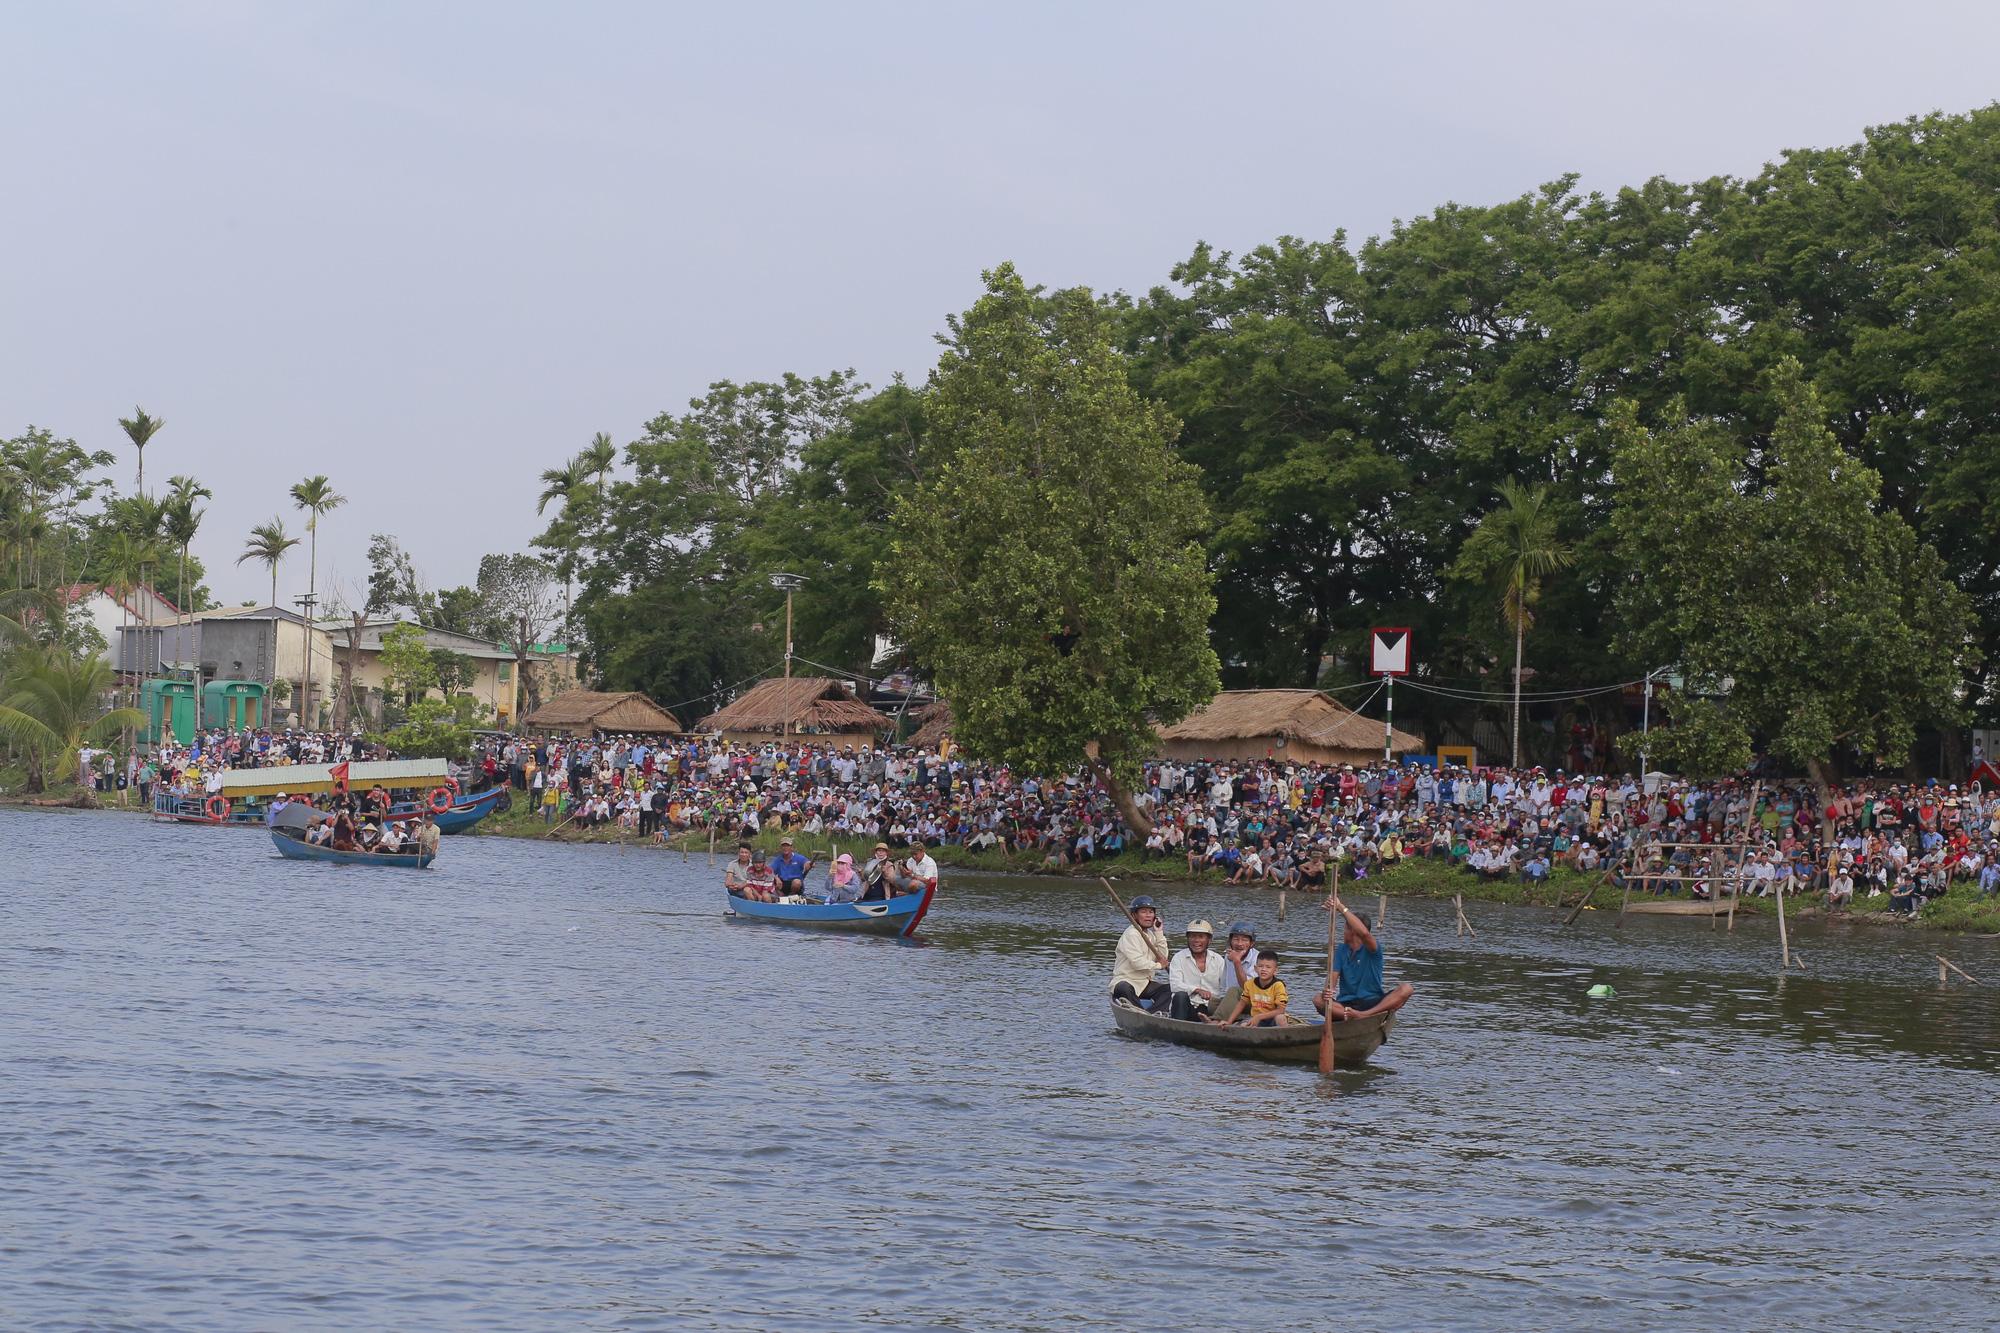 Quảng Nam: Trèo cây, leo nóc nhà để xem đua thuyền ở Tam Kỳ - Ảnh 1.